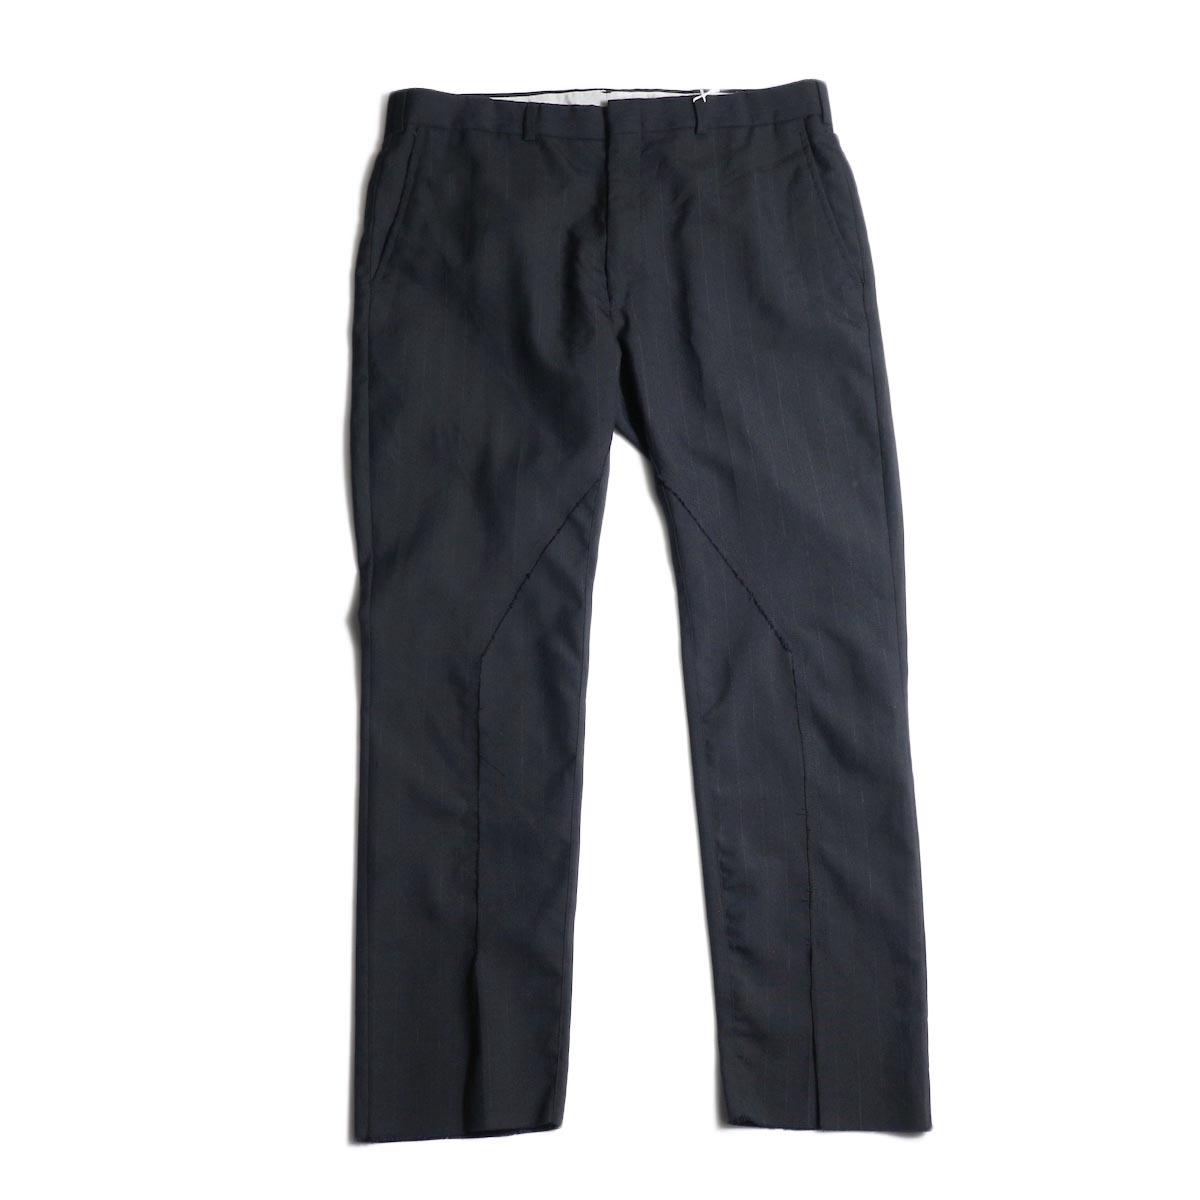 OLD PARK / SLIT PANTS SLACKS (Msize-B)